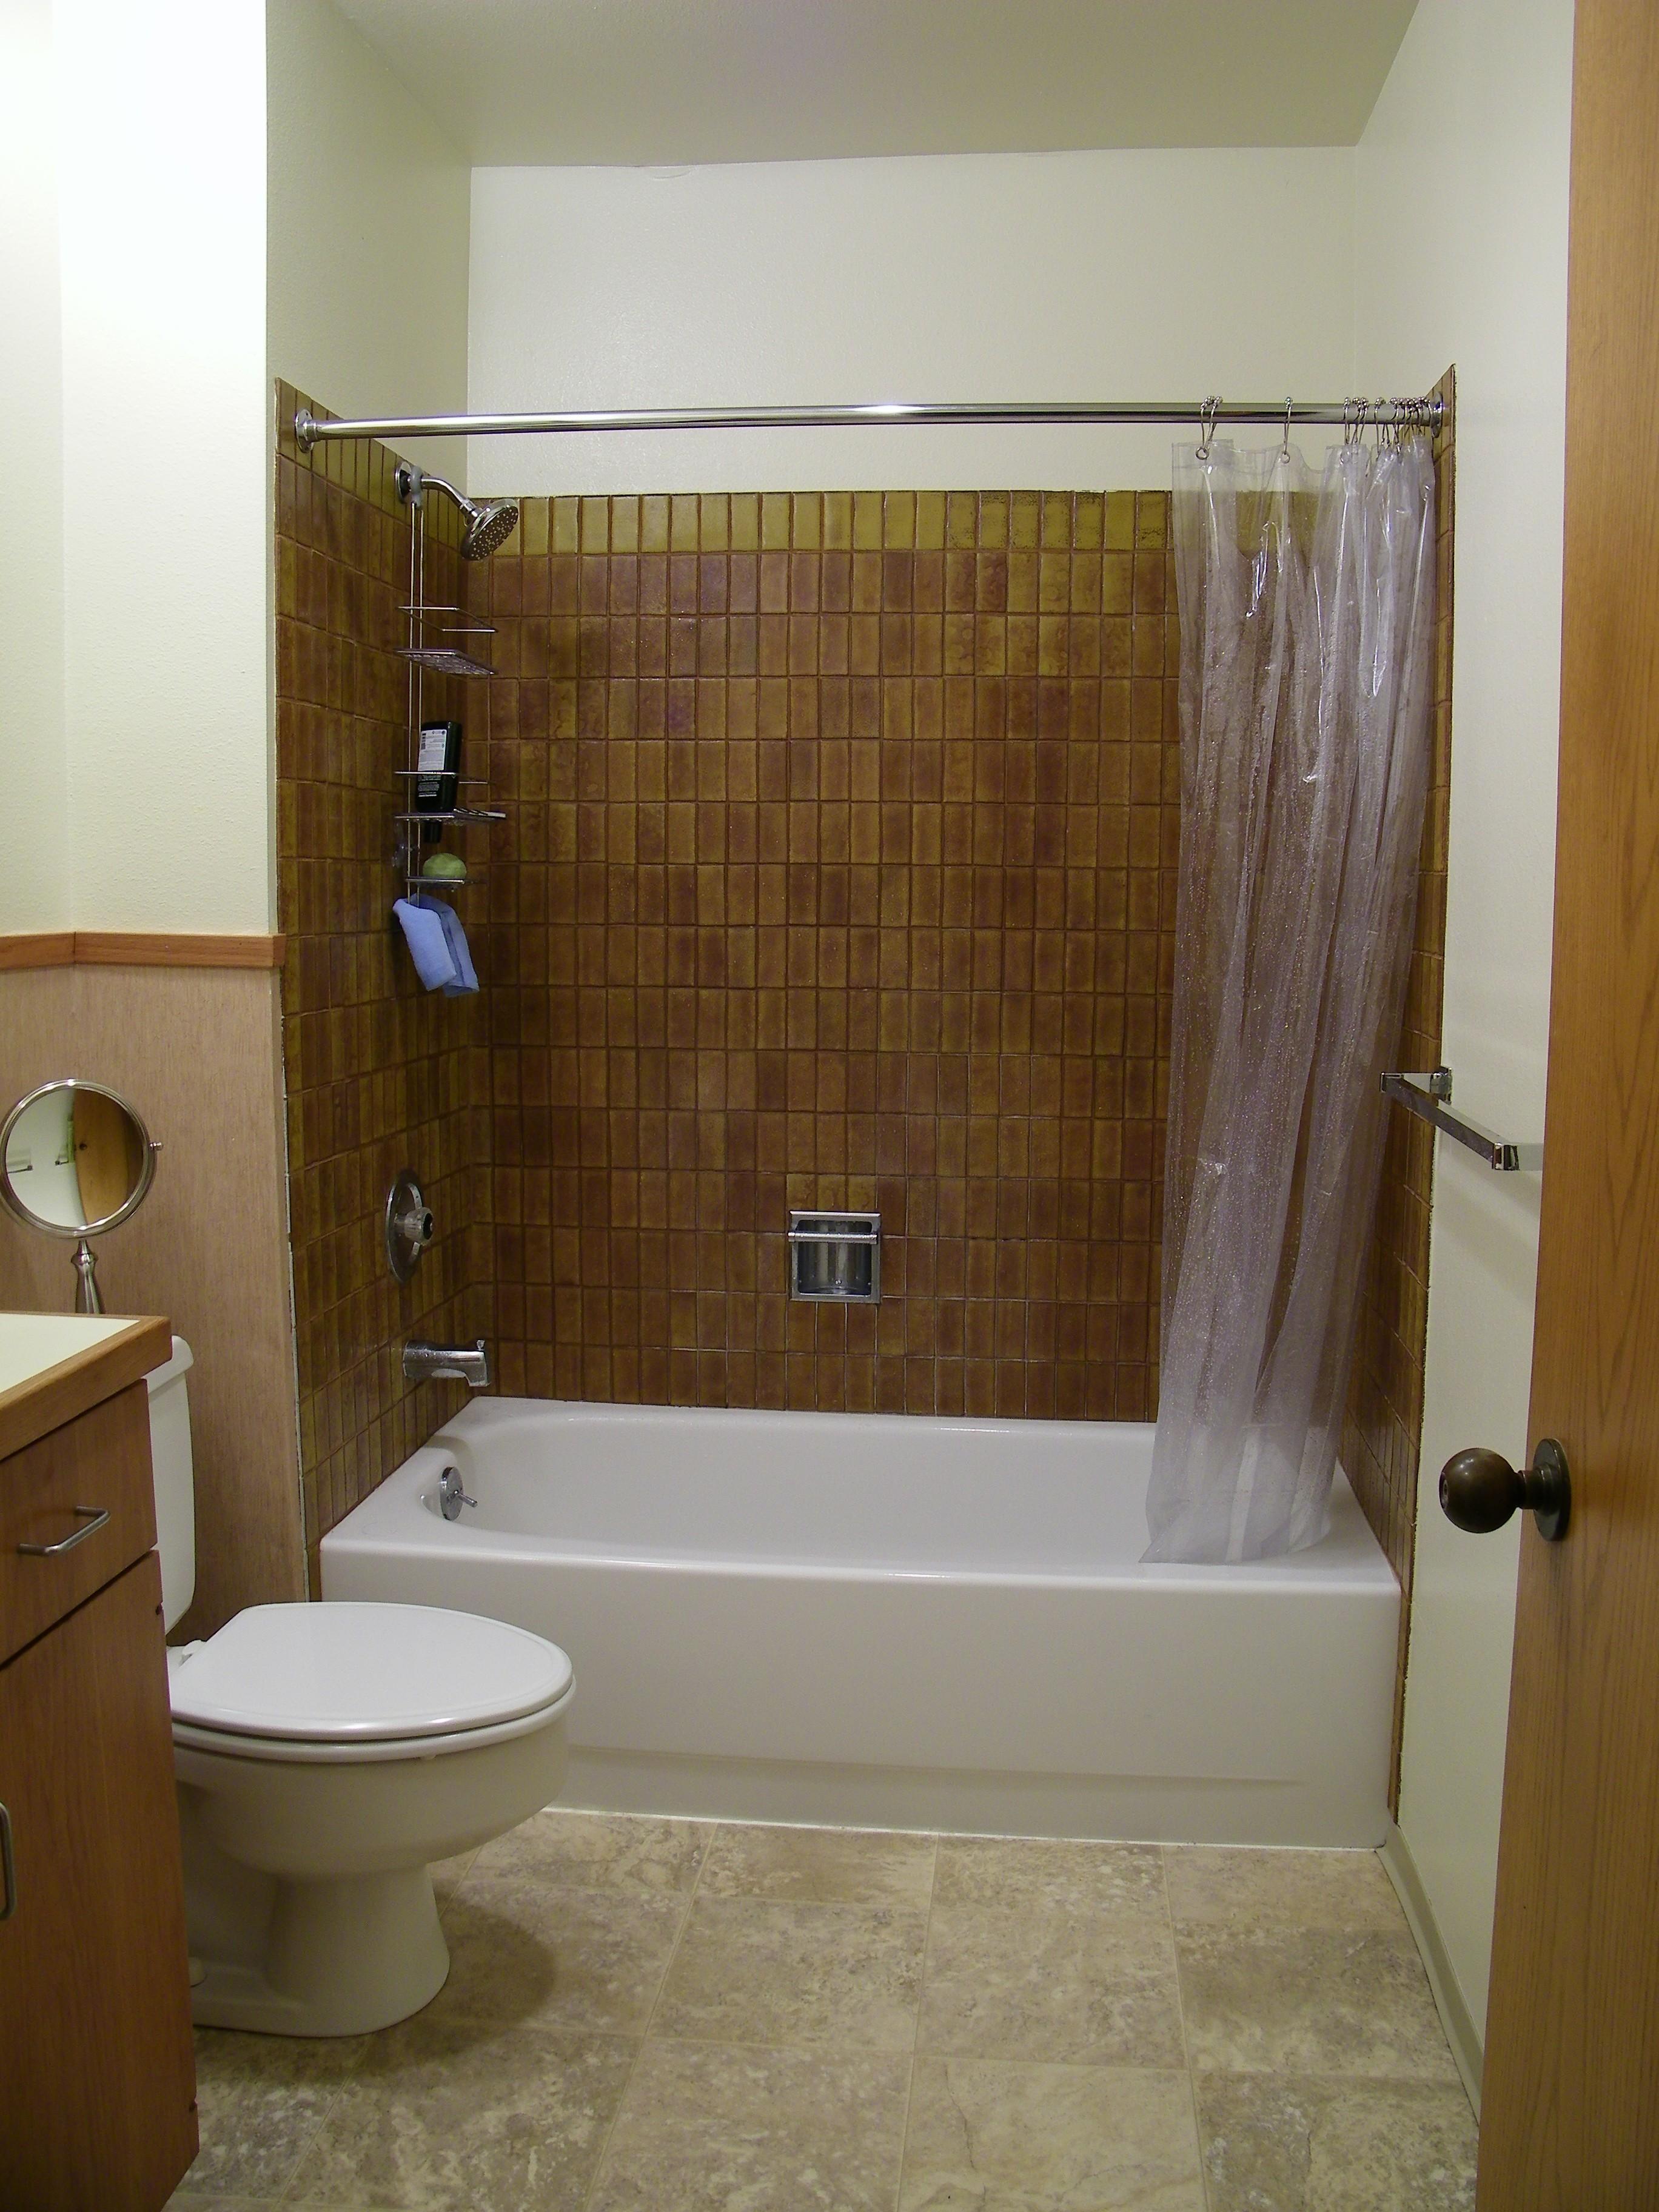 Before Remodel in Bathroom